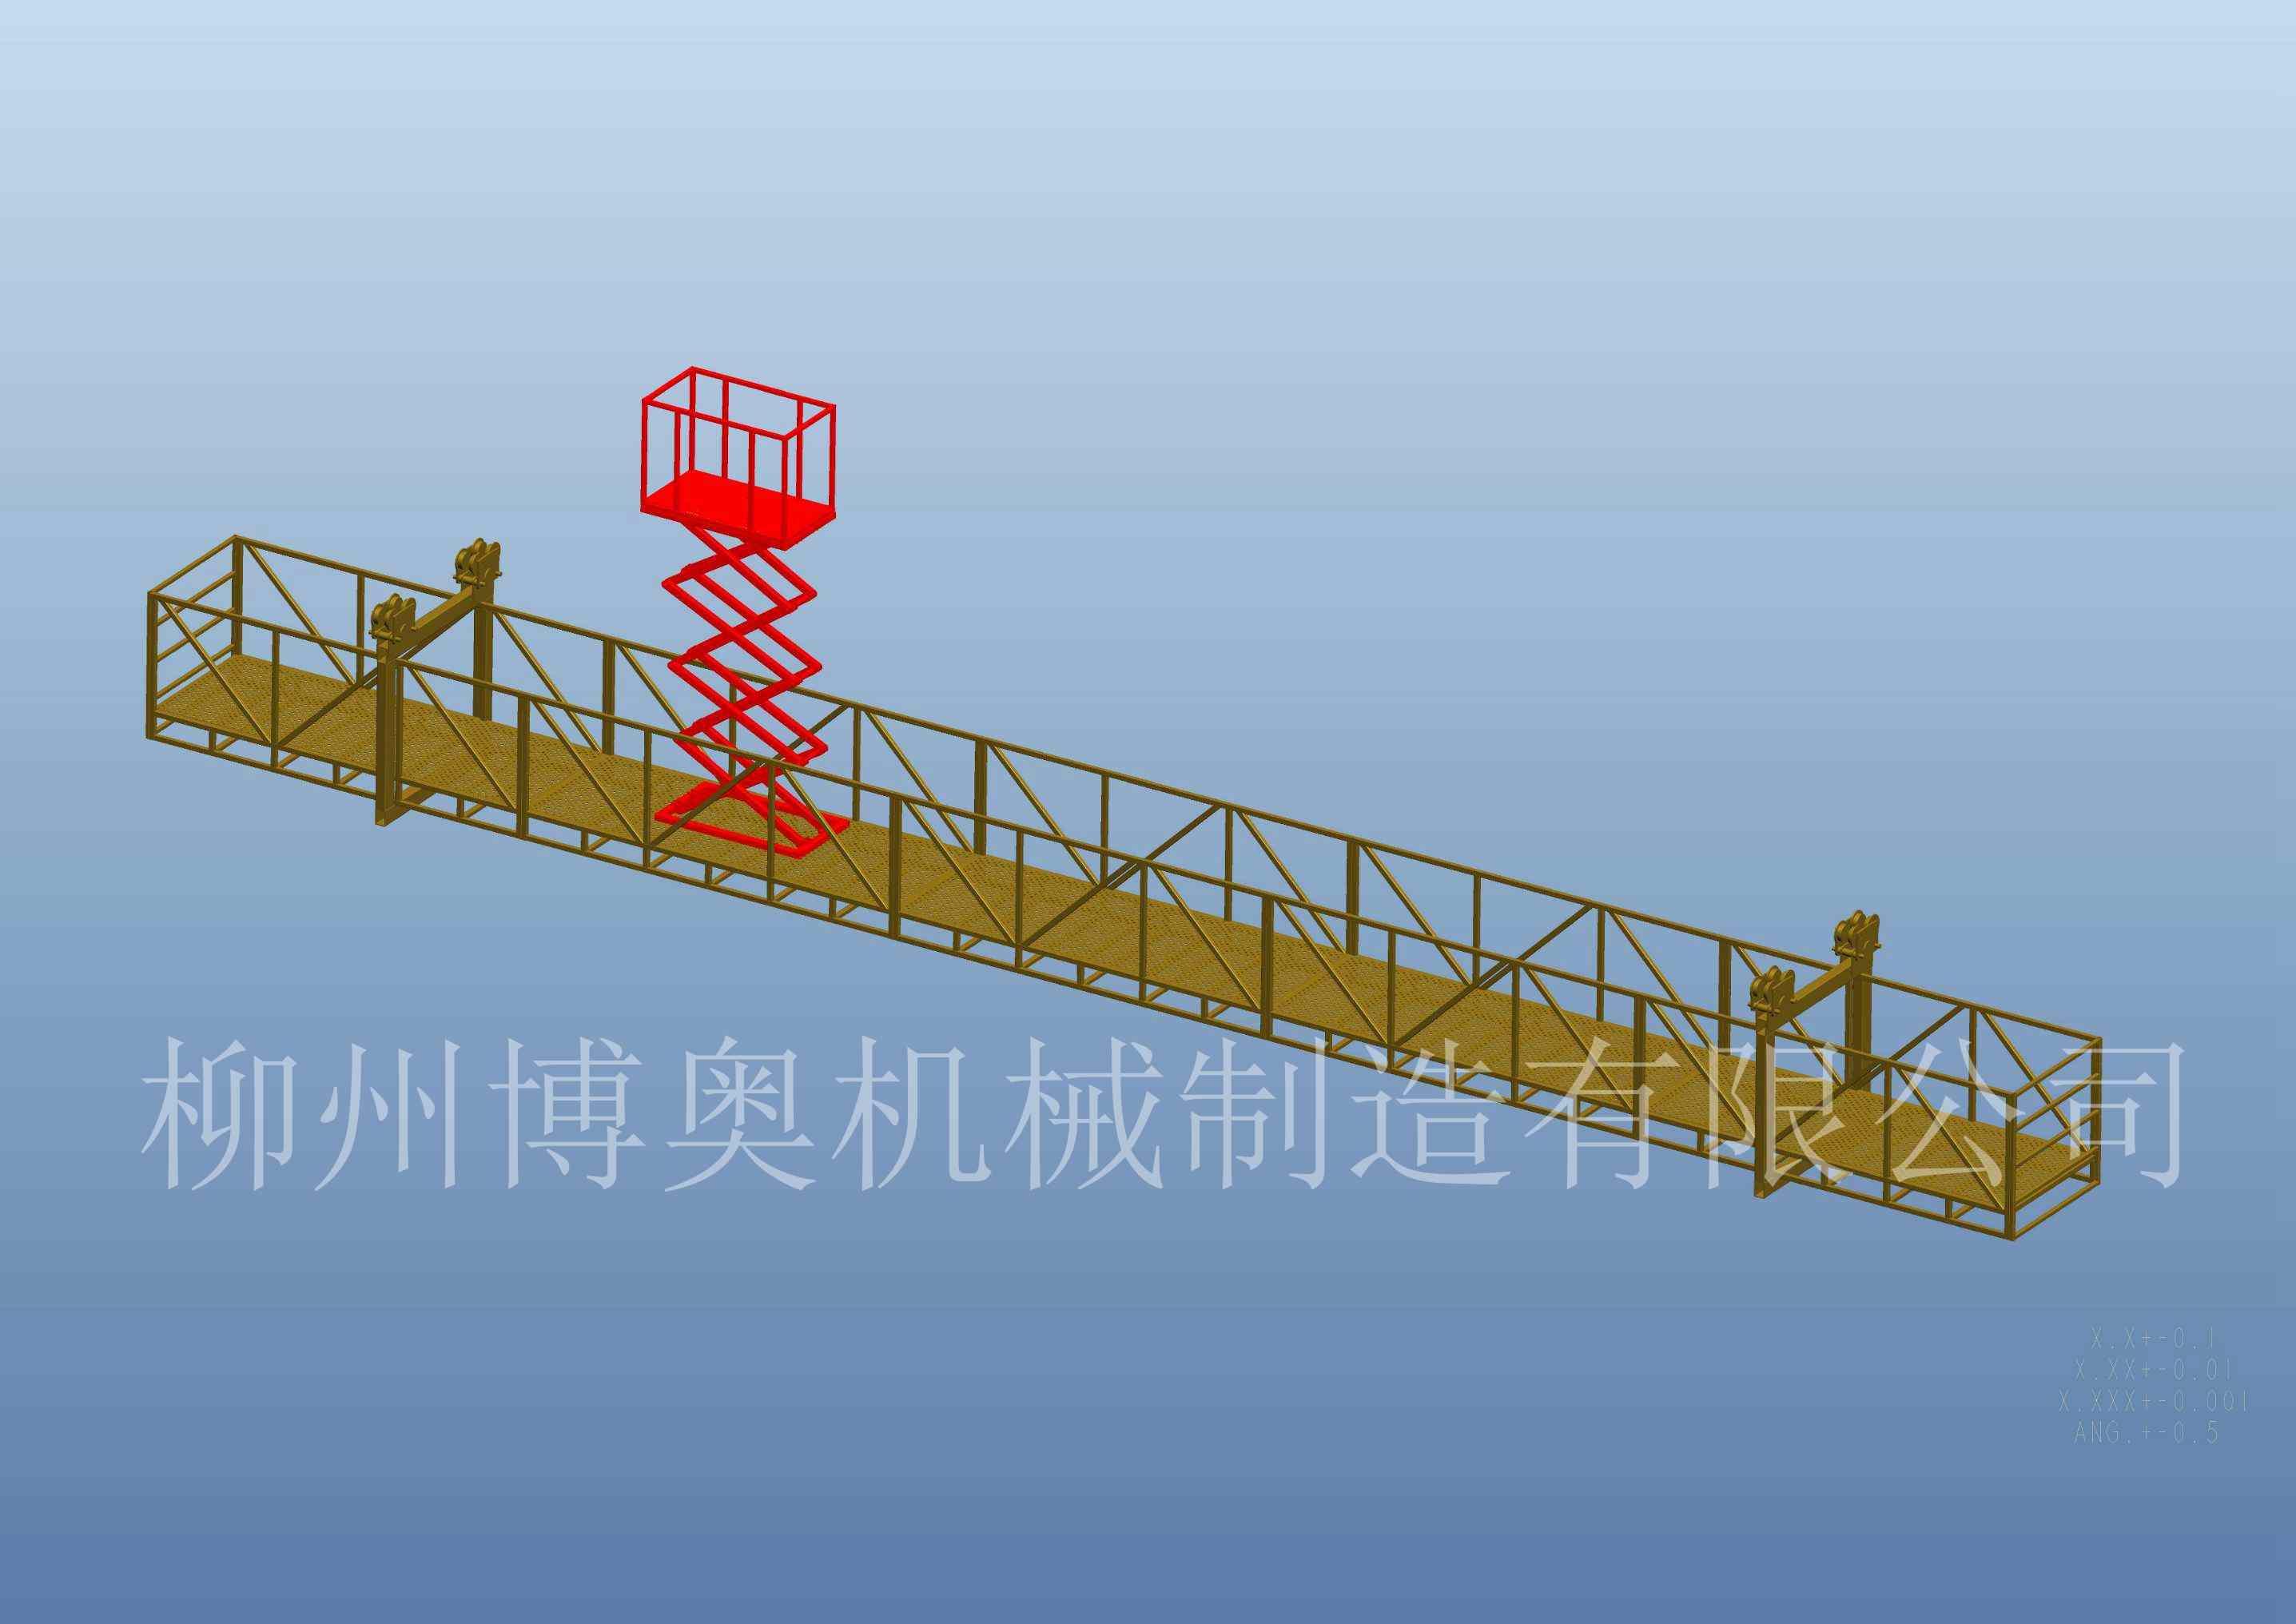 广州桁架桥检车施工视频